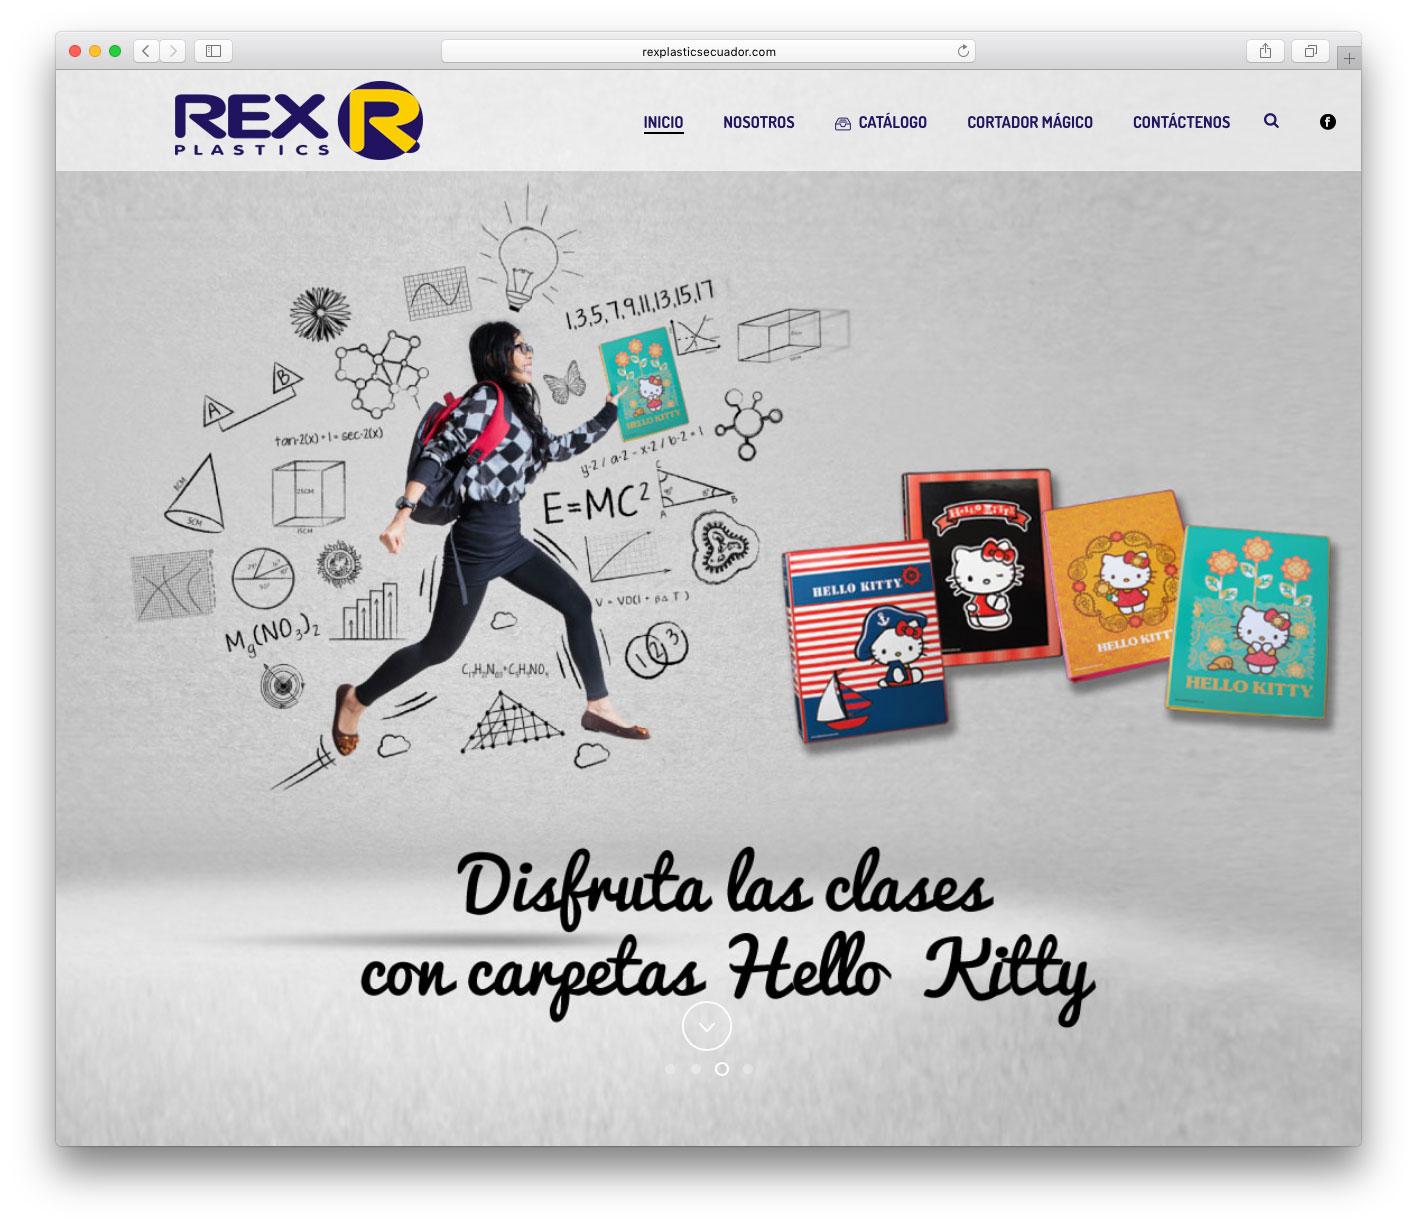 pagina-web-de-rex-plastics-ecuador